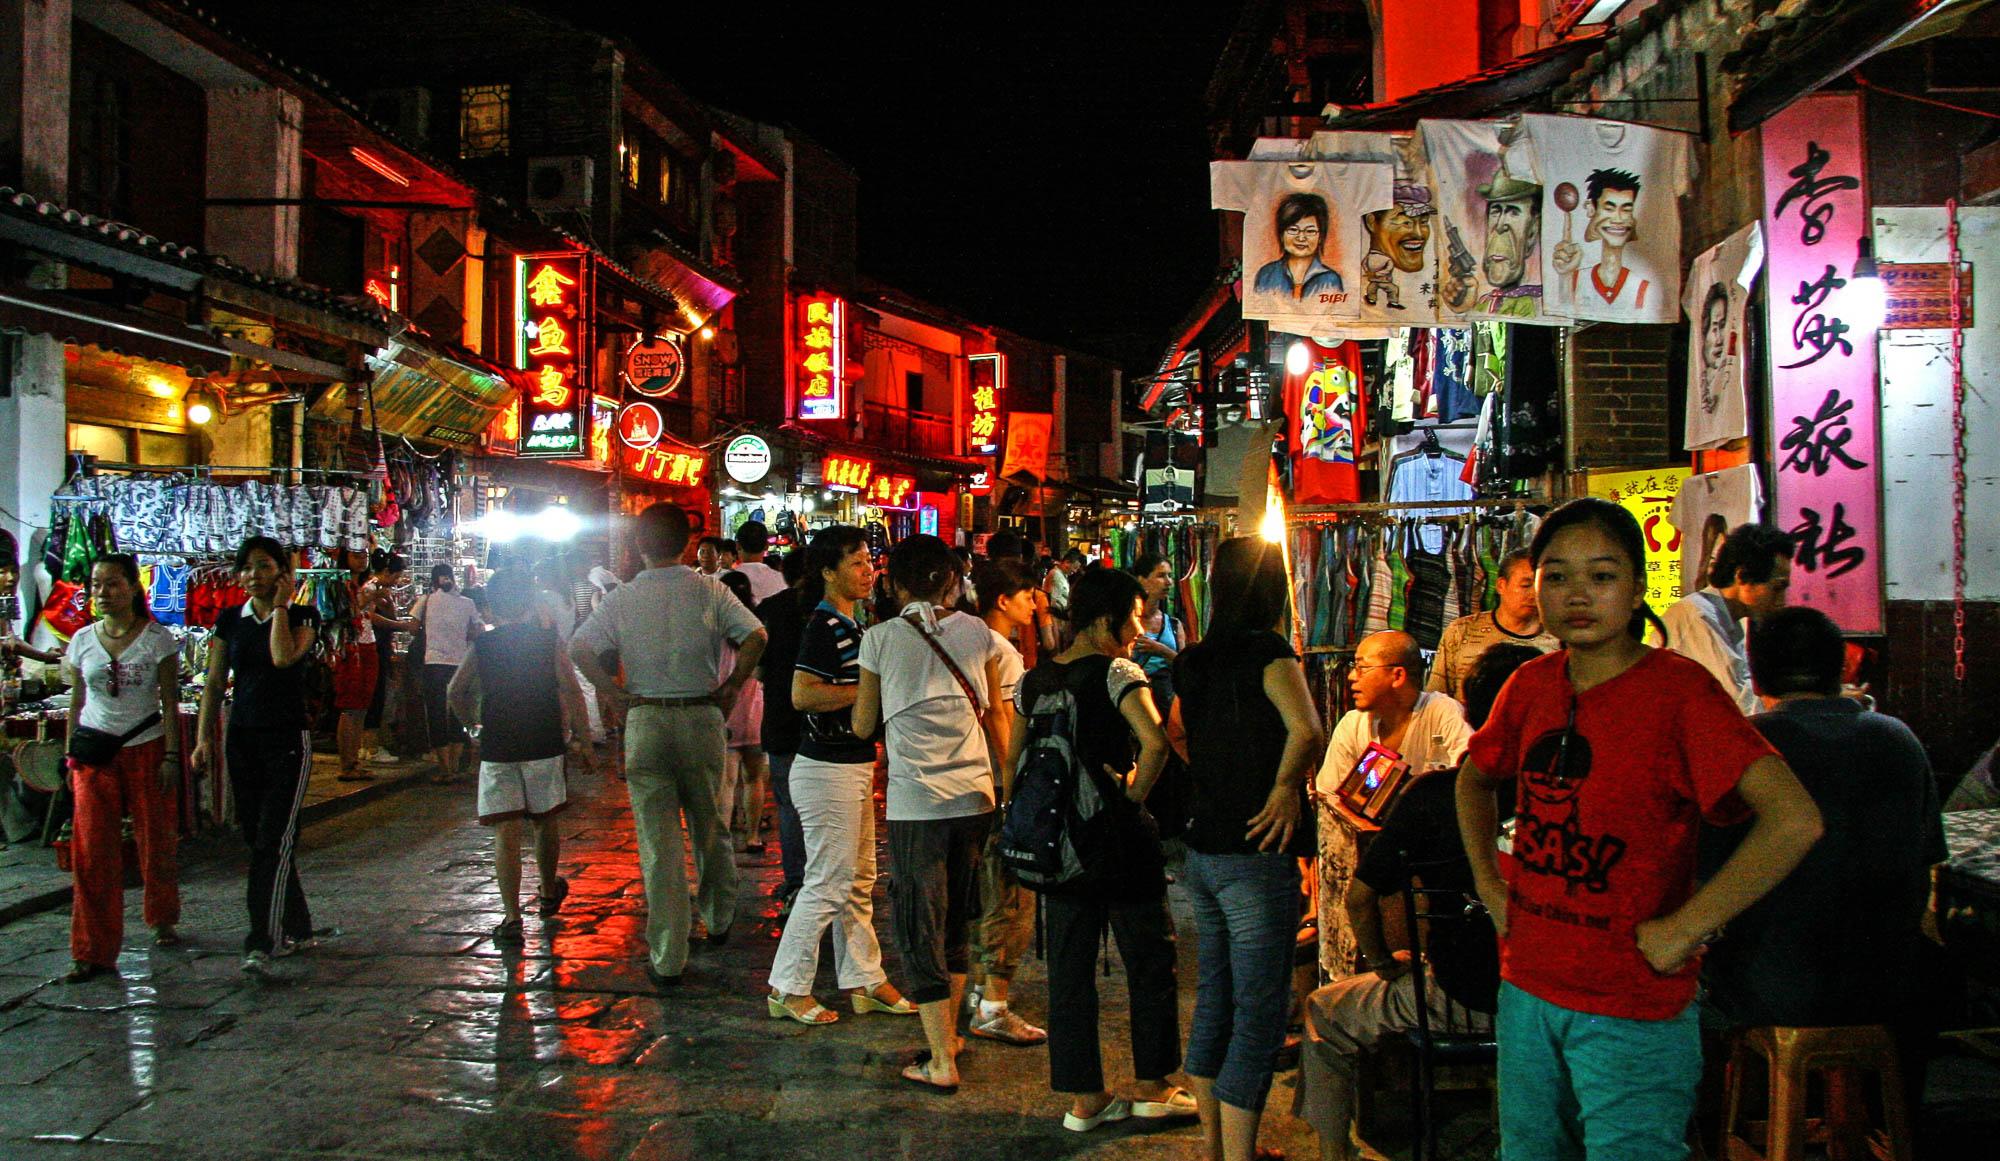 CHINA_2006_people_jusmedic - 22